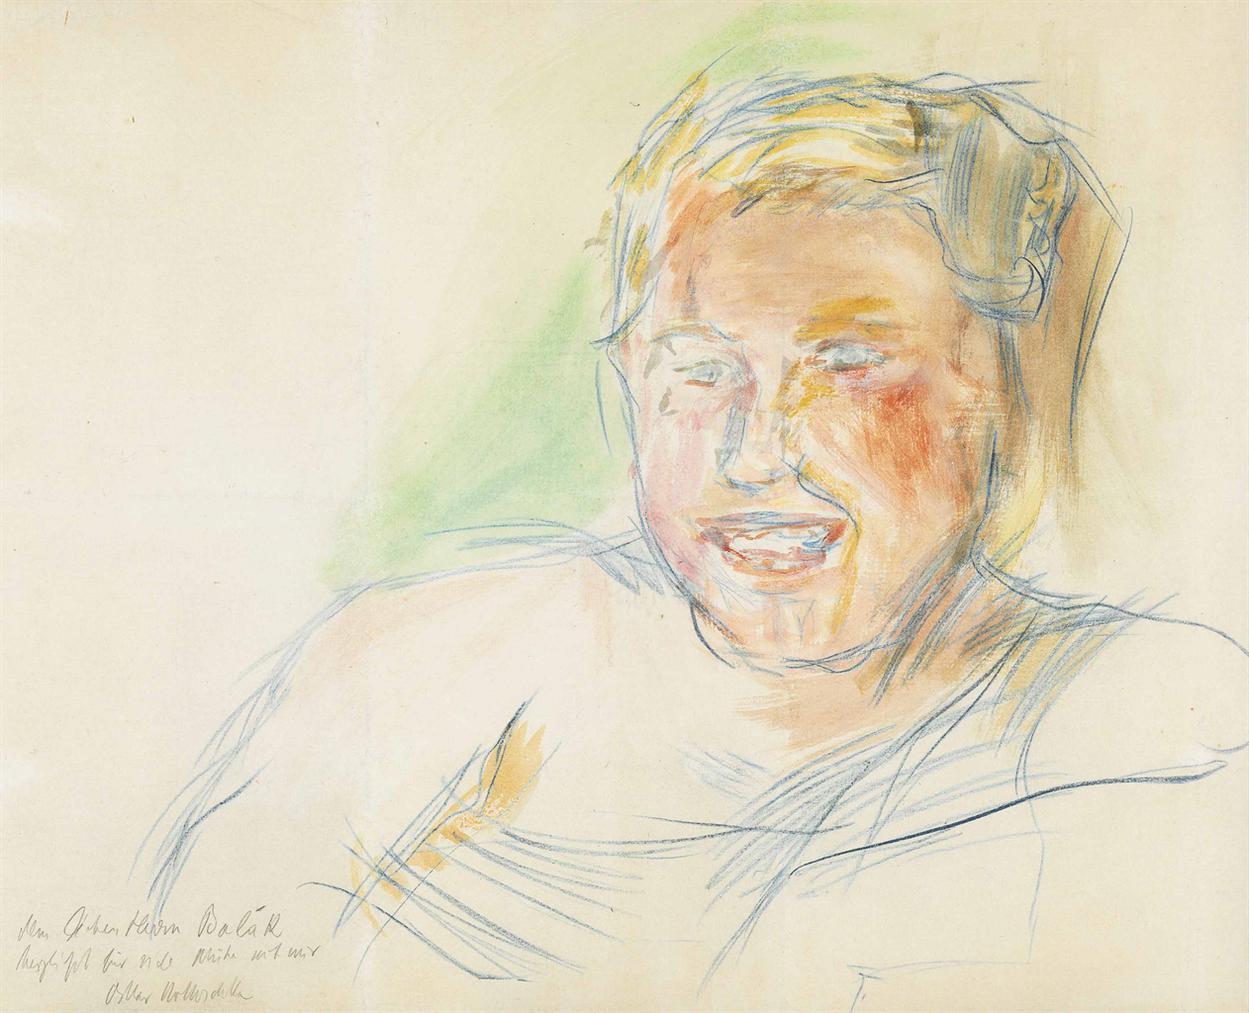 Oskar Kokoschka-Frauenportrat-1938